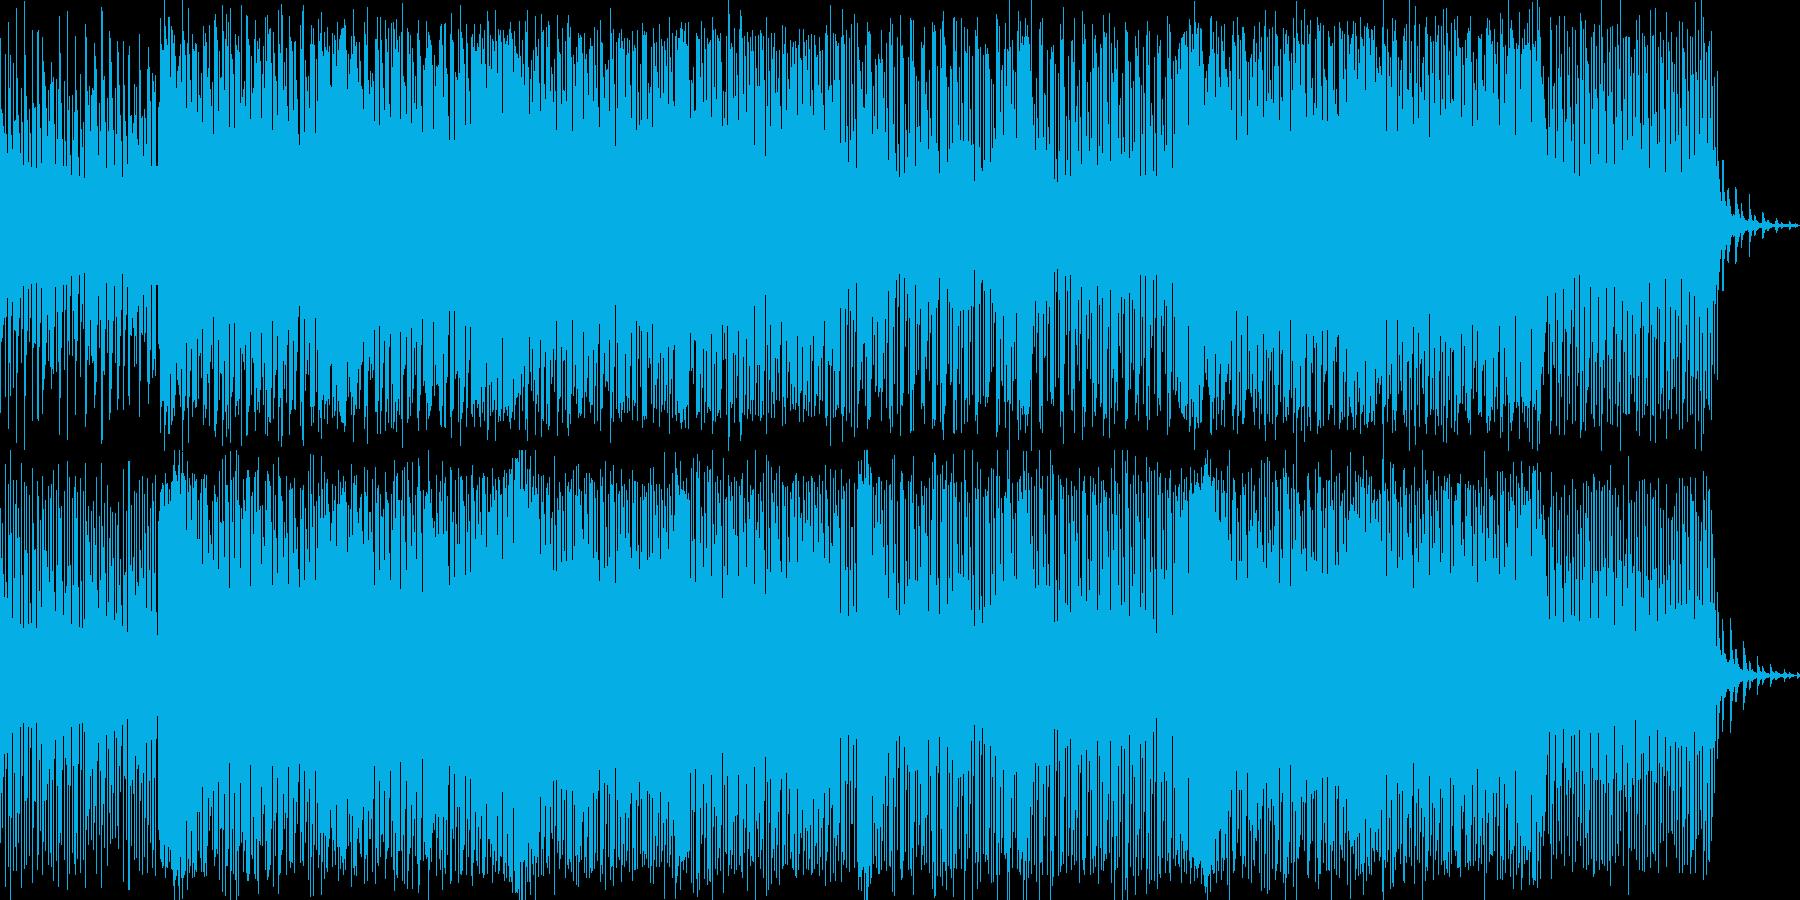 切ない感じのリフが印象的なポップスの再生済みの波形